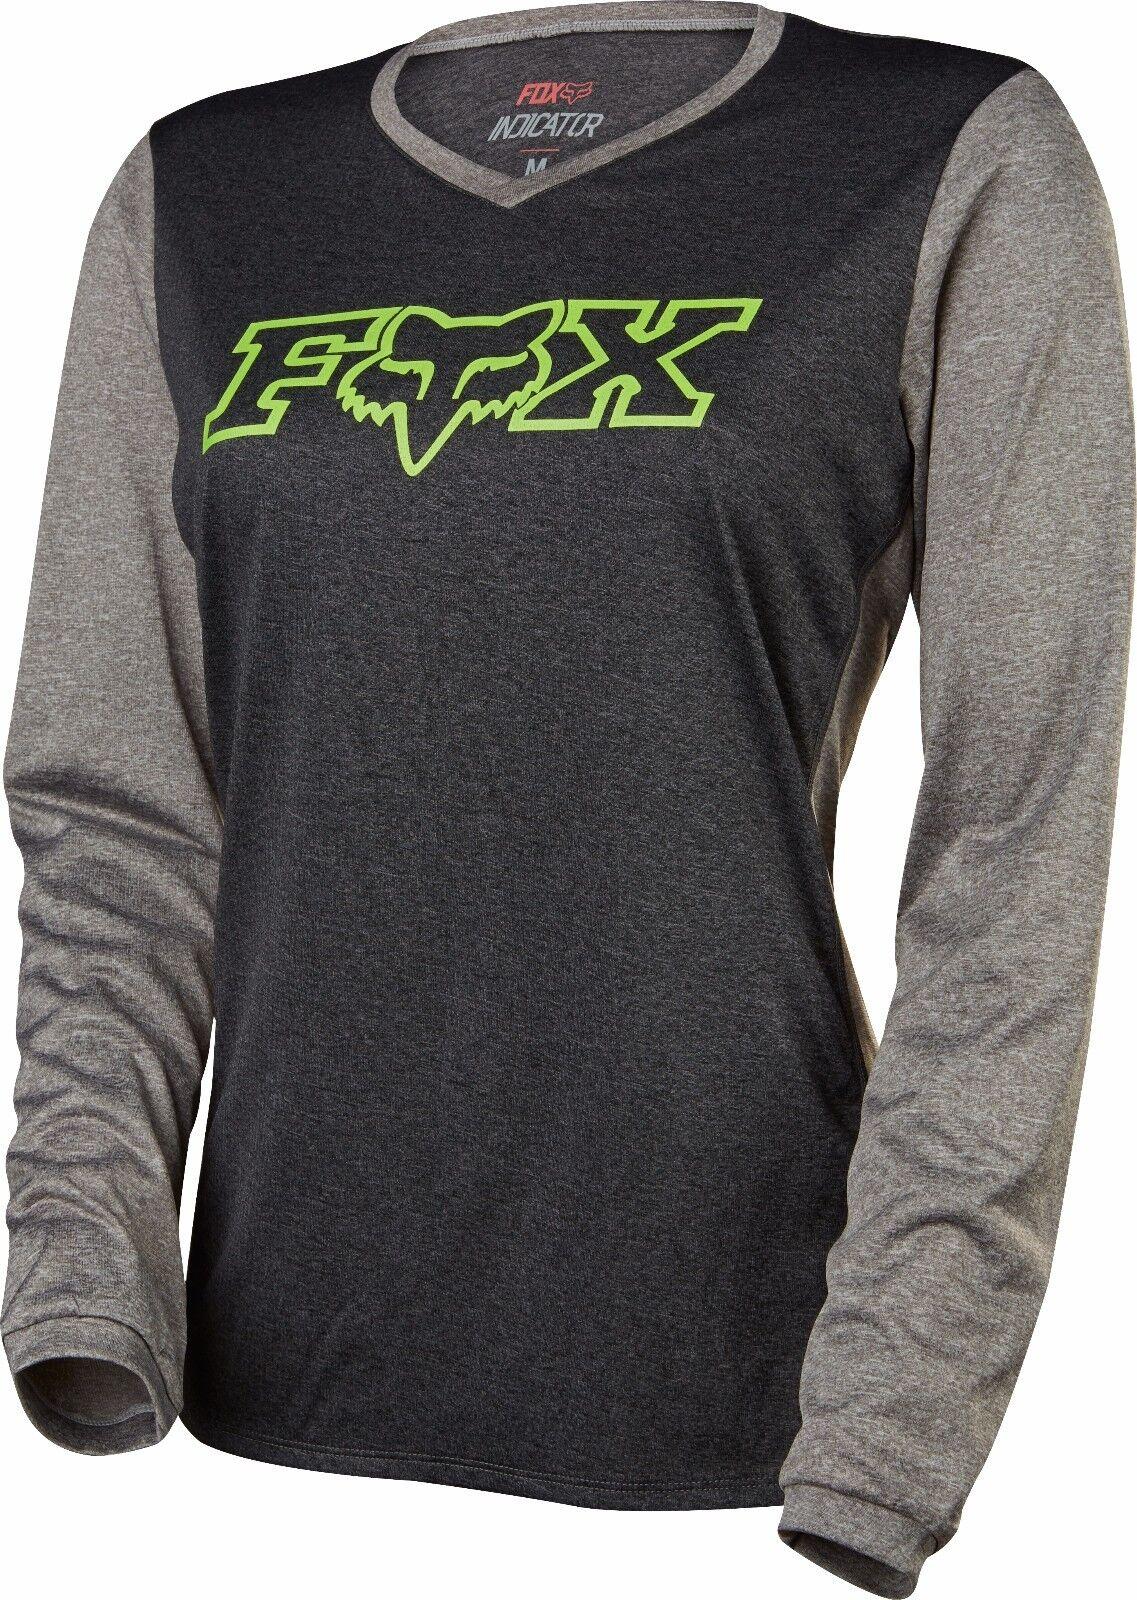 Fox Racing indicador de manga larga para mujer L S Jersey Heather Negro